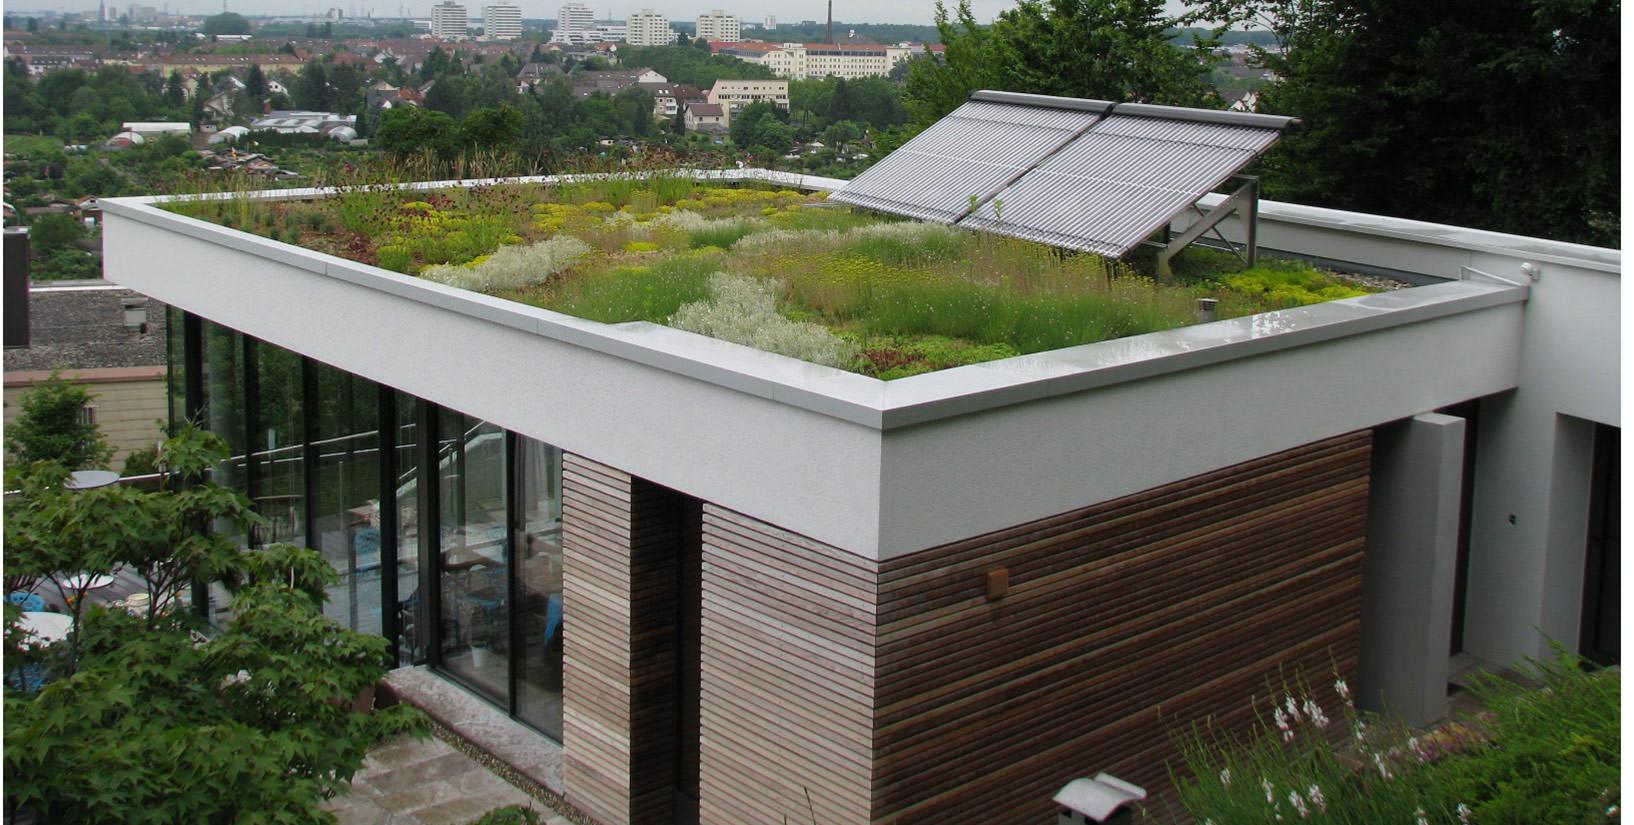 Besondere Sorgfalt gilt bei einer Flachdachabdichtung den Dachrandabschlüssen sowie der Abdichtung von Durchbrüchen im Flachdach.